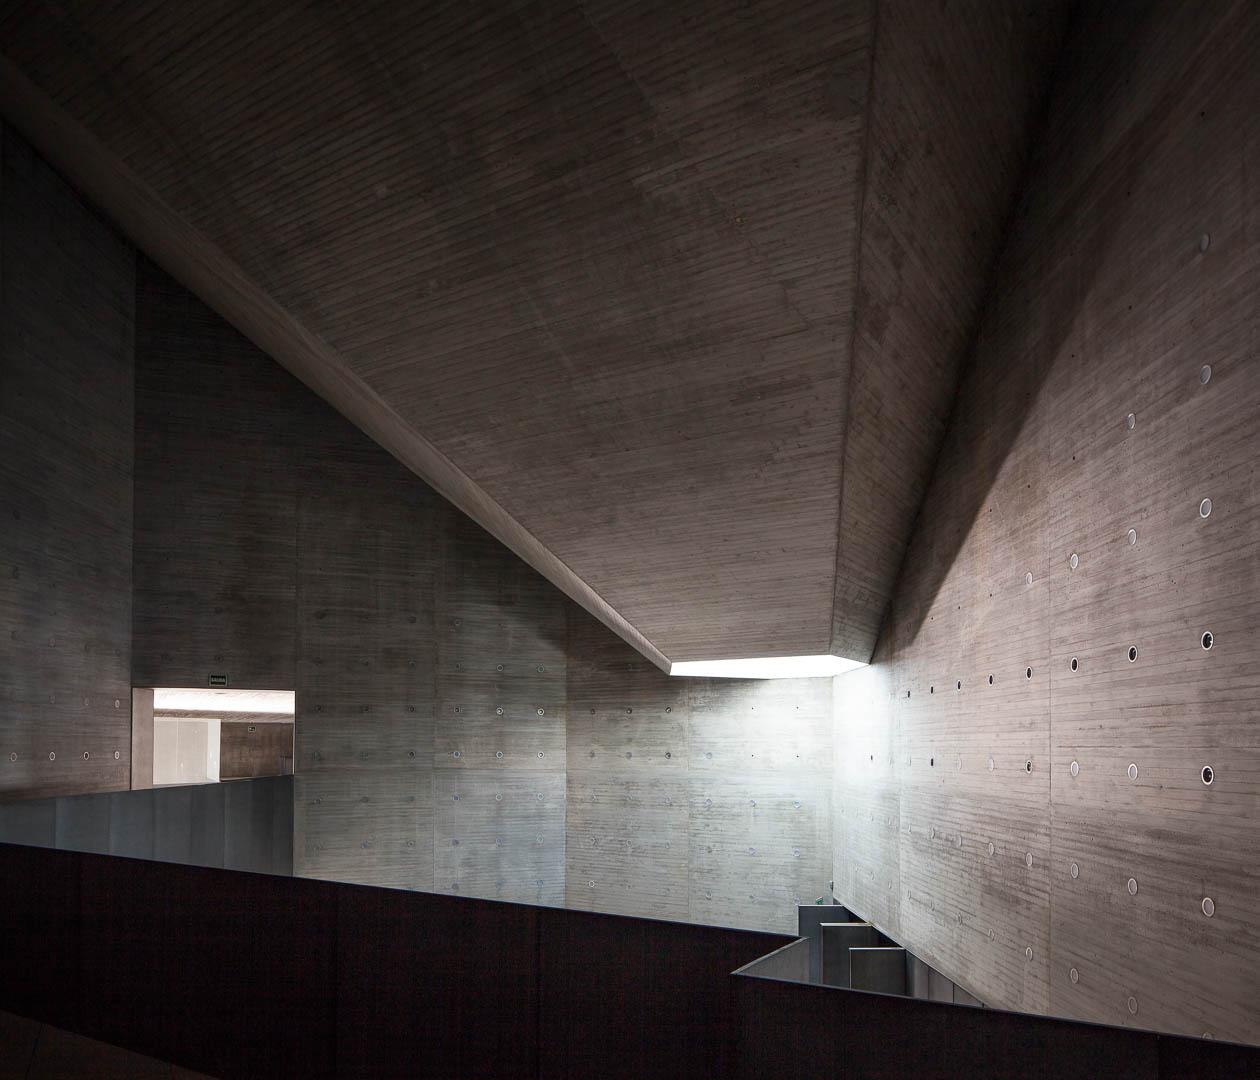 Centro de Creación Cultural de Andalucía C3A - Córdoba  |  Nieto Sobejano Arquitectos